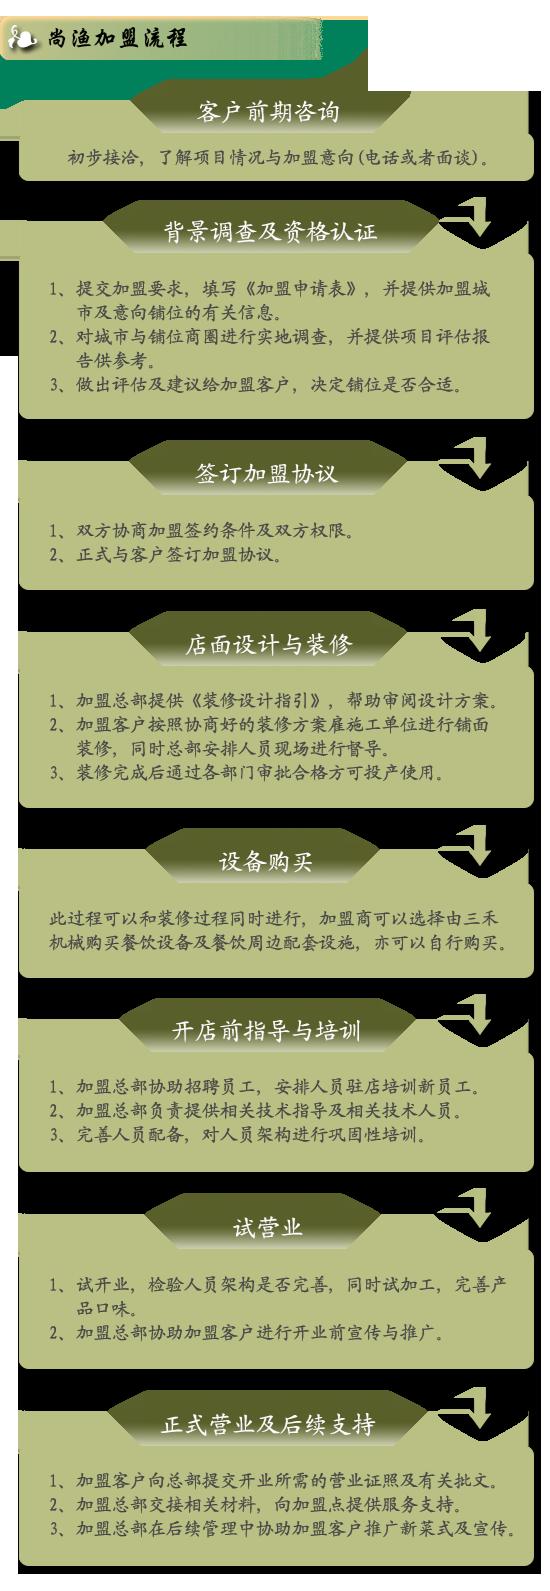 回转茶点加盟流程步骤图_三禾尚渔餐饮加盟